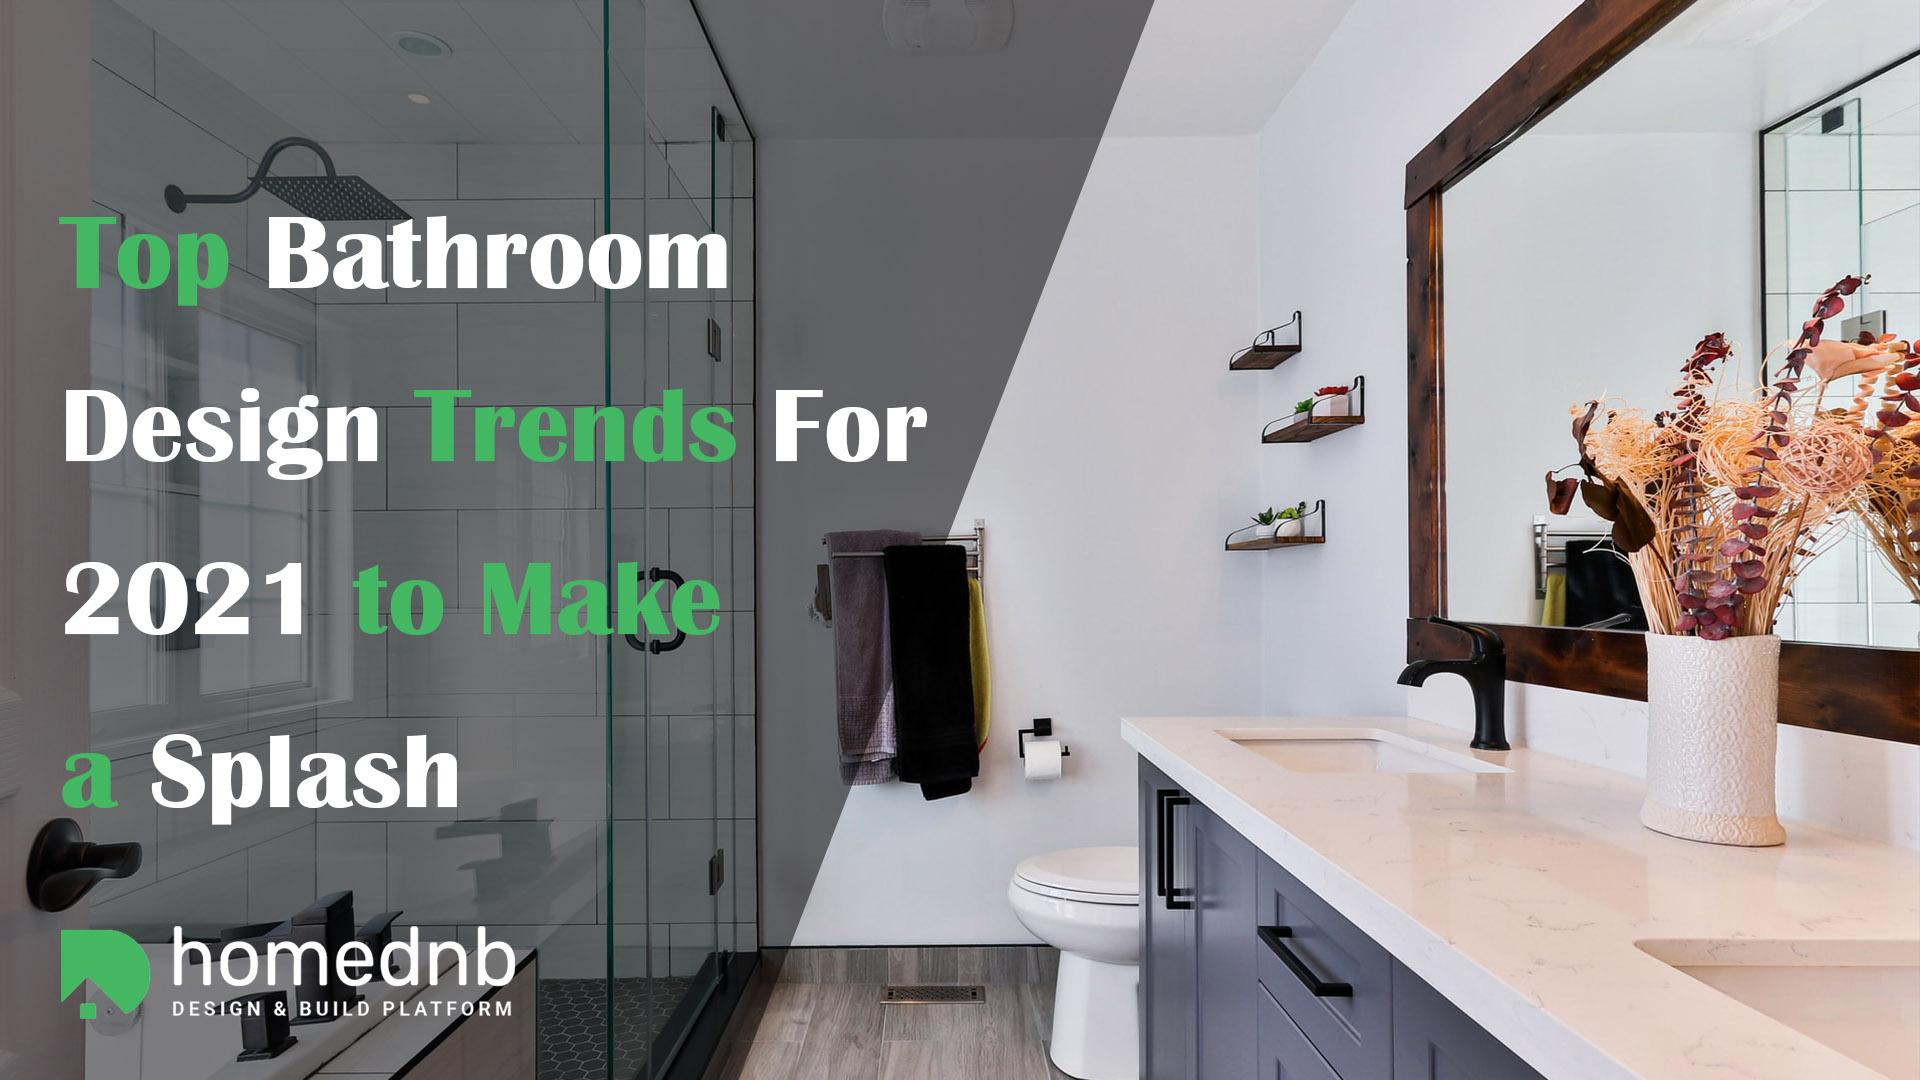 Top Bathroom Design Trends For 2021 to Make a Splash